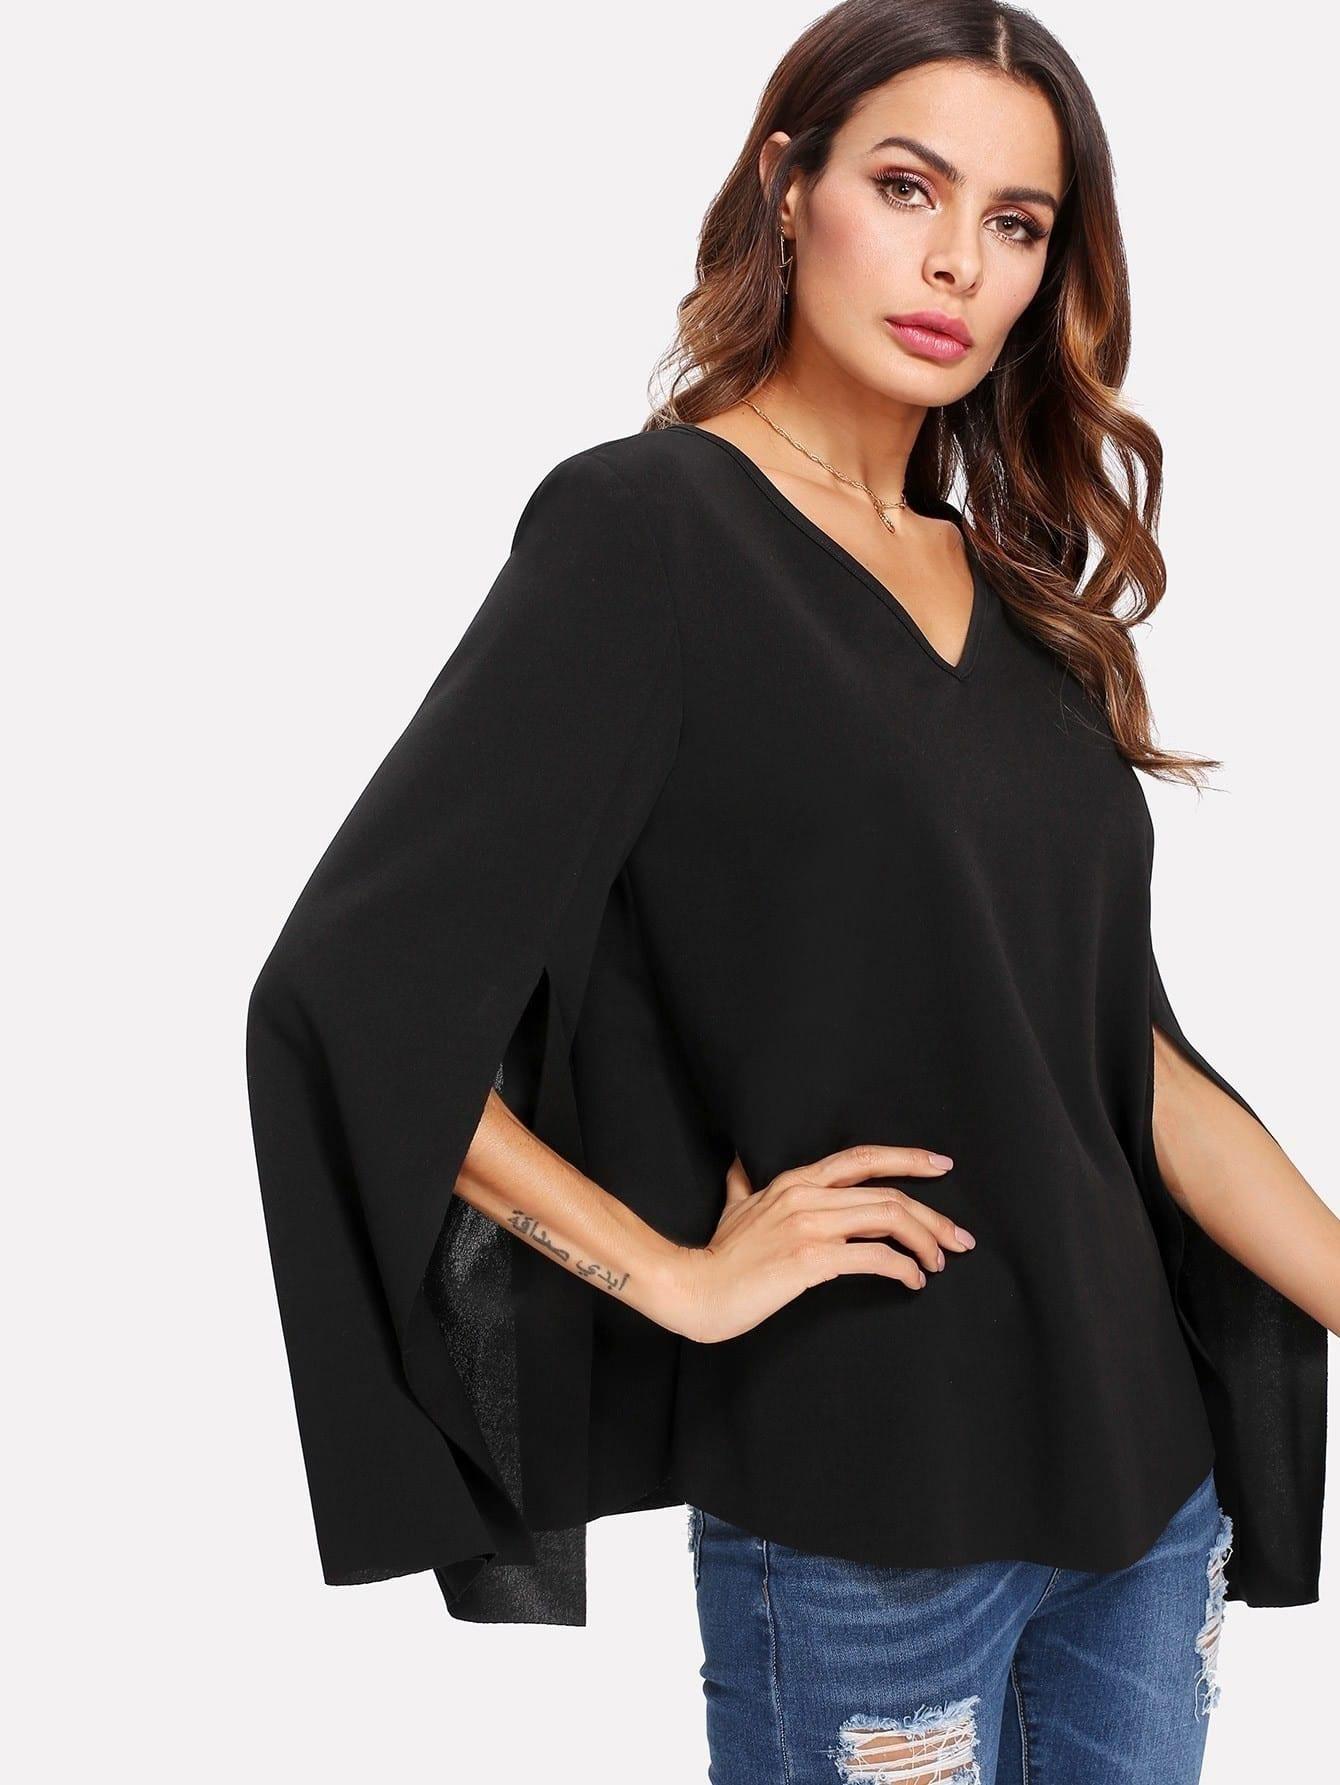 Купить Модная блуза с вырезом и V-образным вырезом, рукав клёш, Andy, SheIn